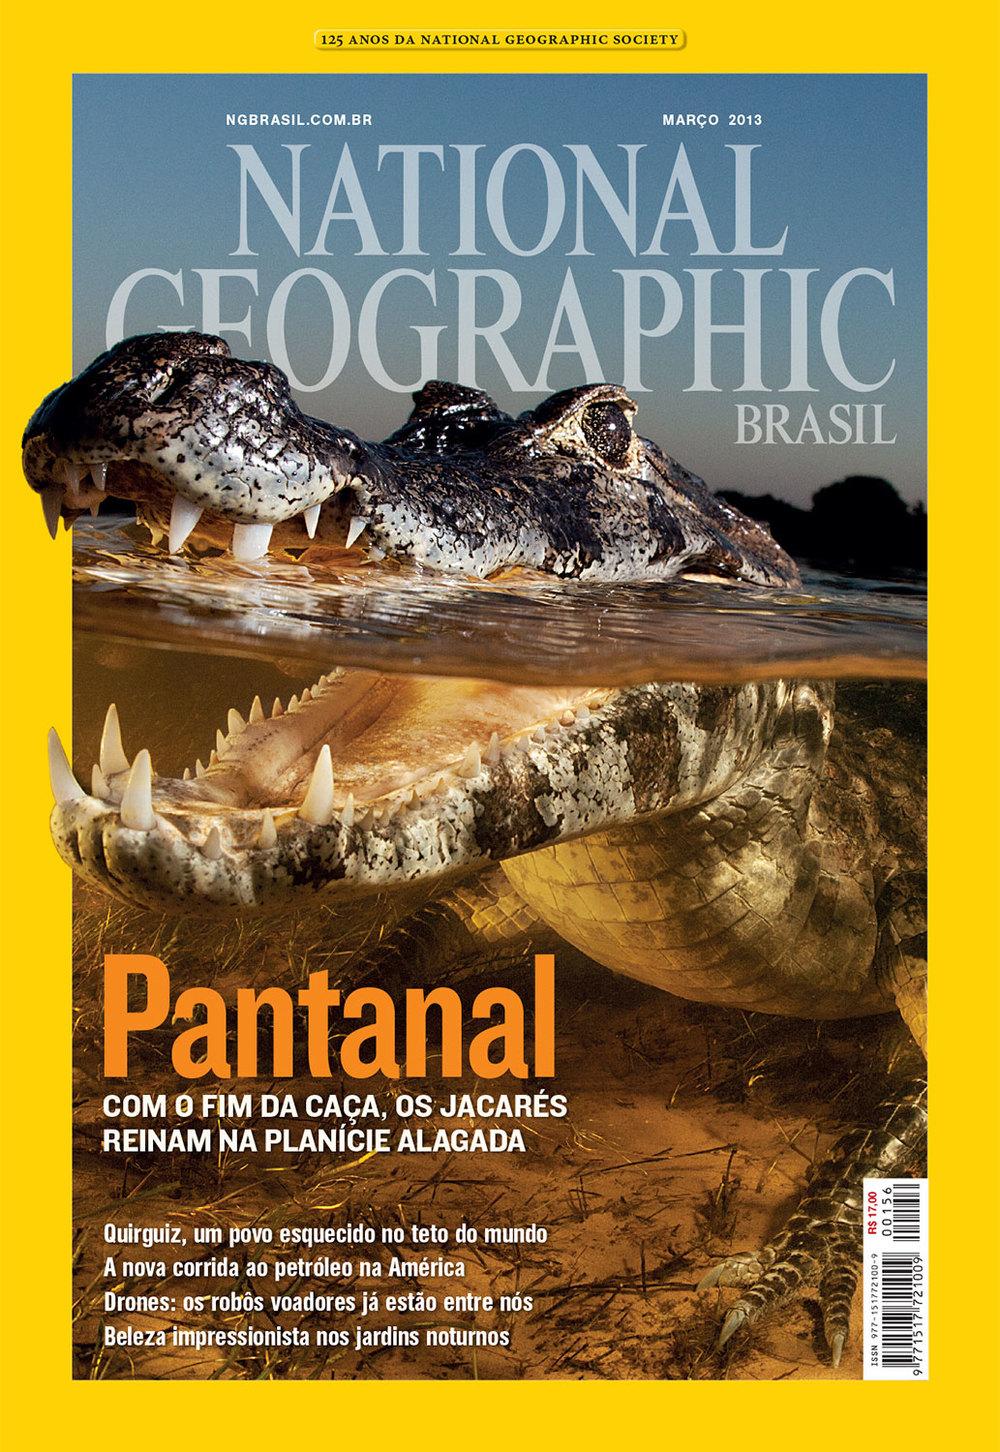 Edição de fotos e design de capa | NG Brasil, março 2013. Foto de Luciano Candisani